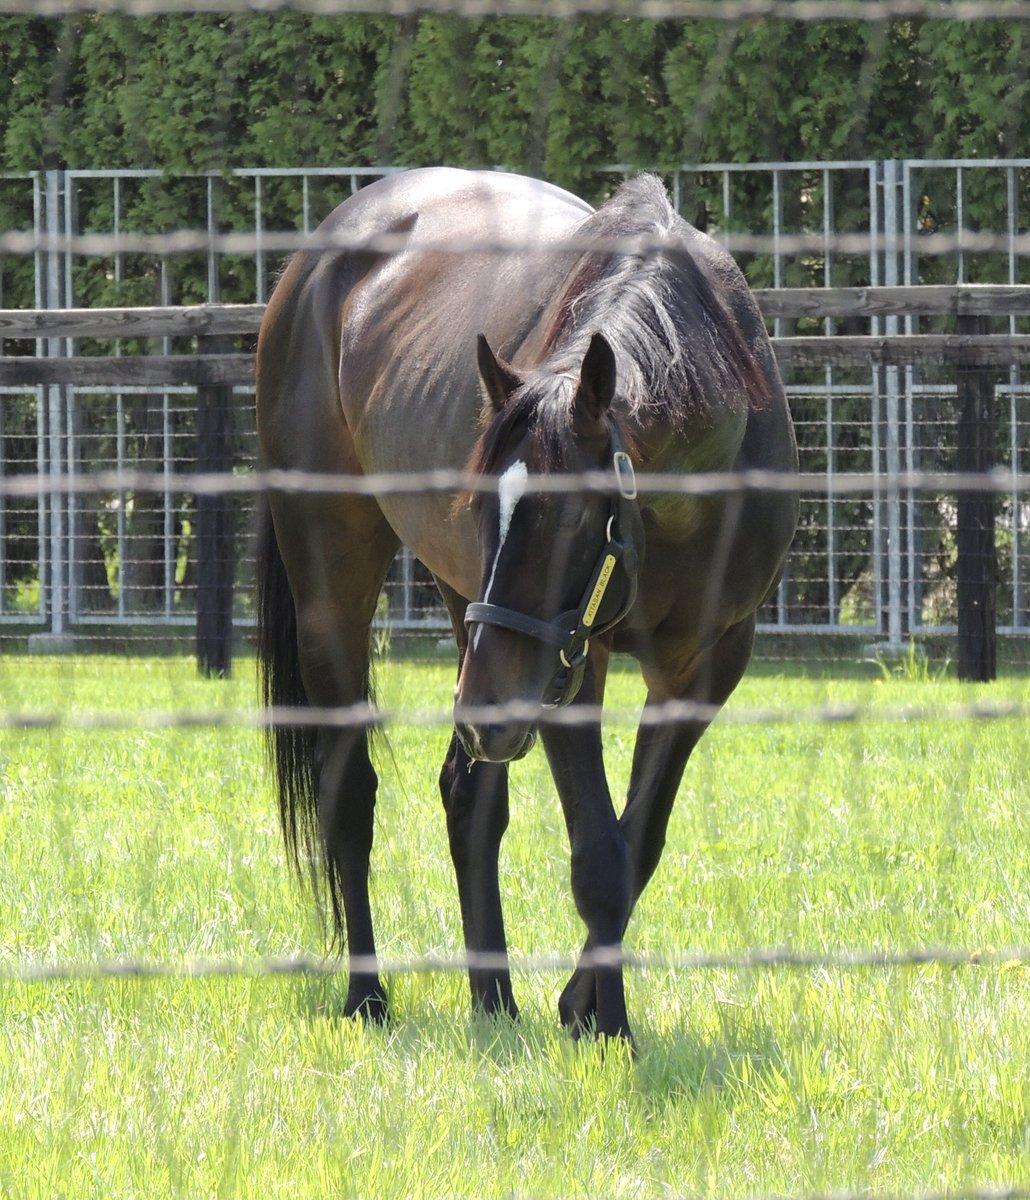 test ツイッターメディア - 社台SS 5月20日 キタサンブラック 馬房では会えなかったけれど放牧地で走ったり草を食んだり…産駒が楽しみ https://t.co/pXBt8LsYO8